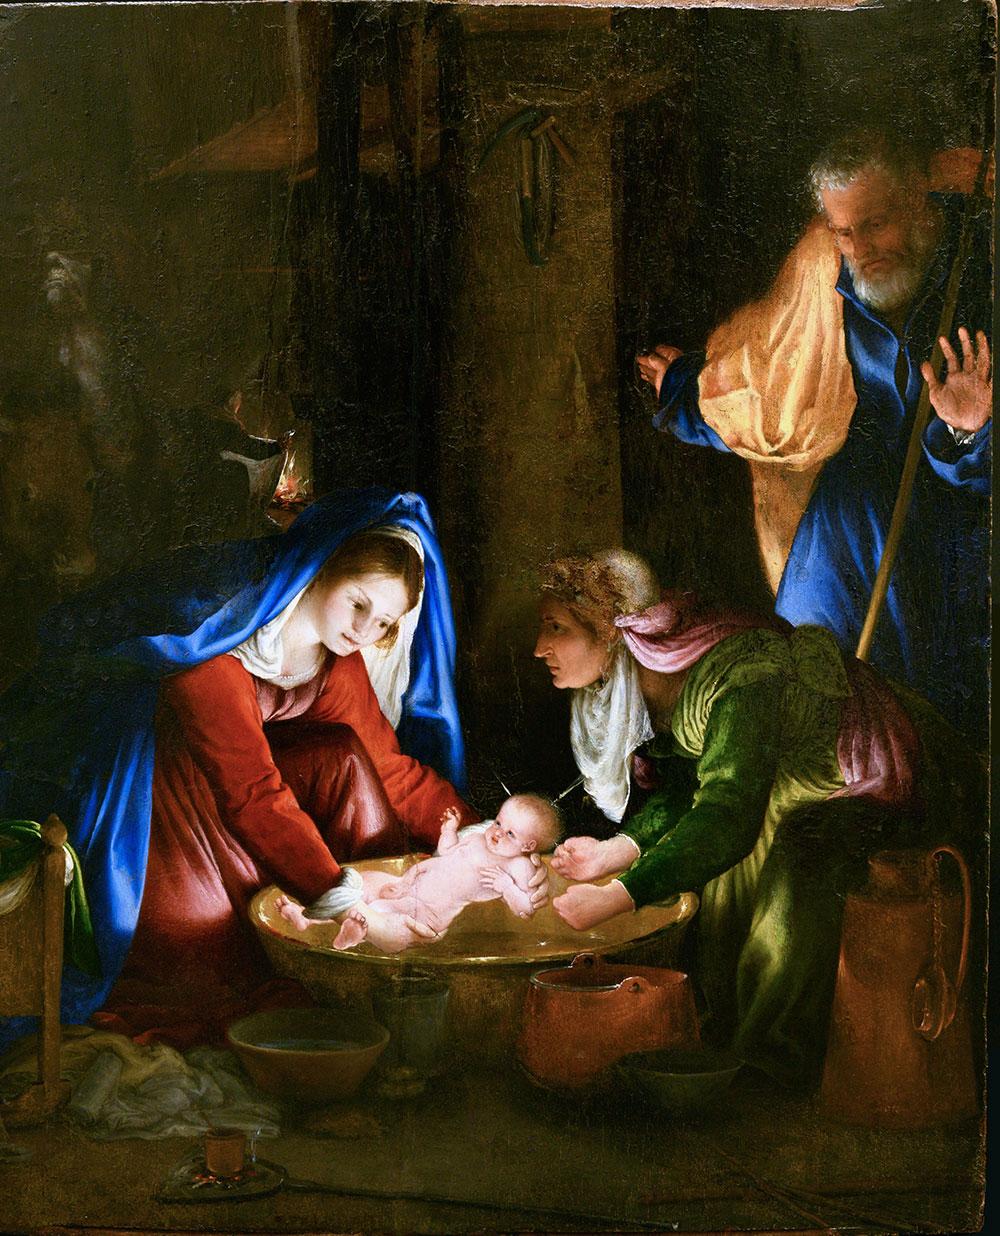 Lorenzo Lotto Natività in notturno (Madonna che lava il Bambino), 1526 Olio su tavola, 55,5 x 45 cm Siena, Pinacoteca Nazionale di Siena